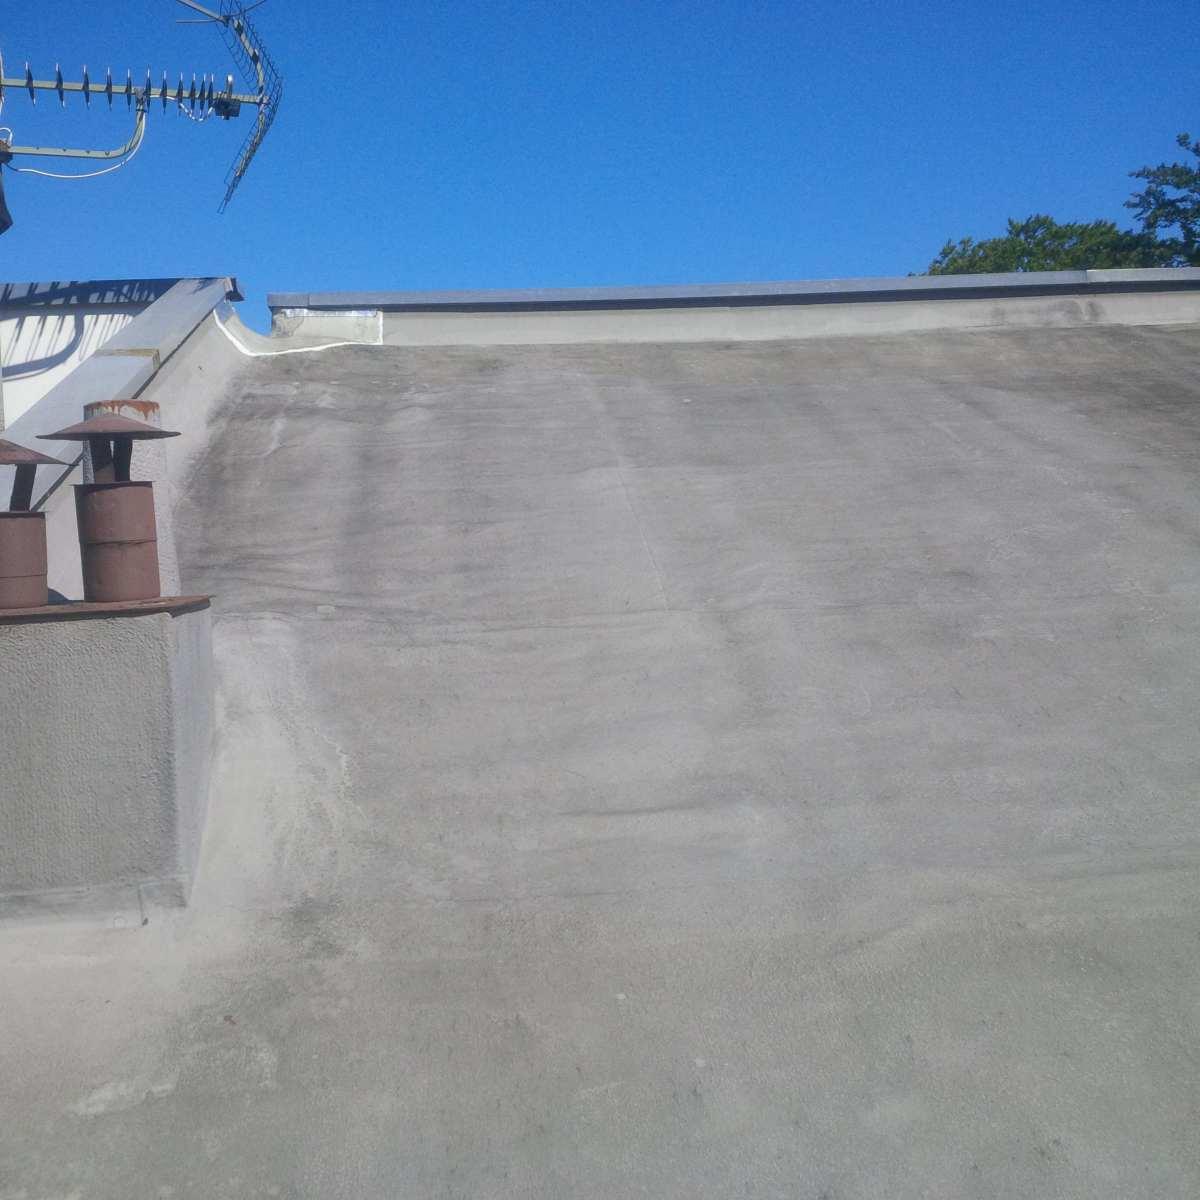 Steildachsanierung-KFW-MÅnchen-1